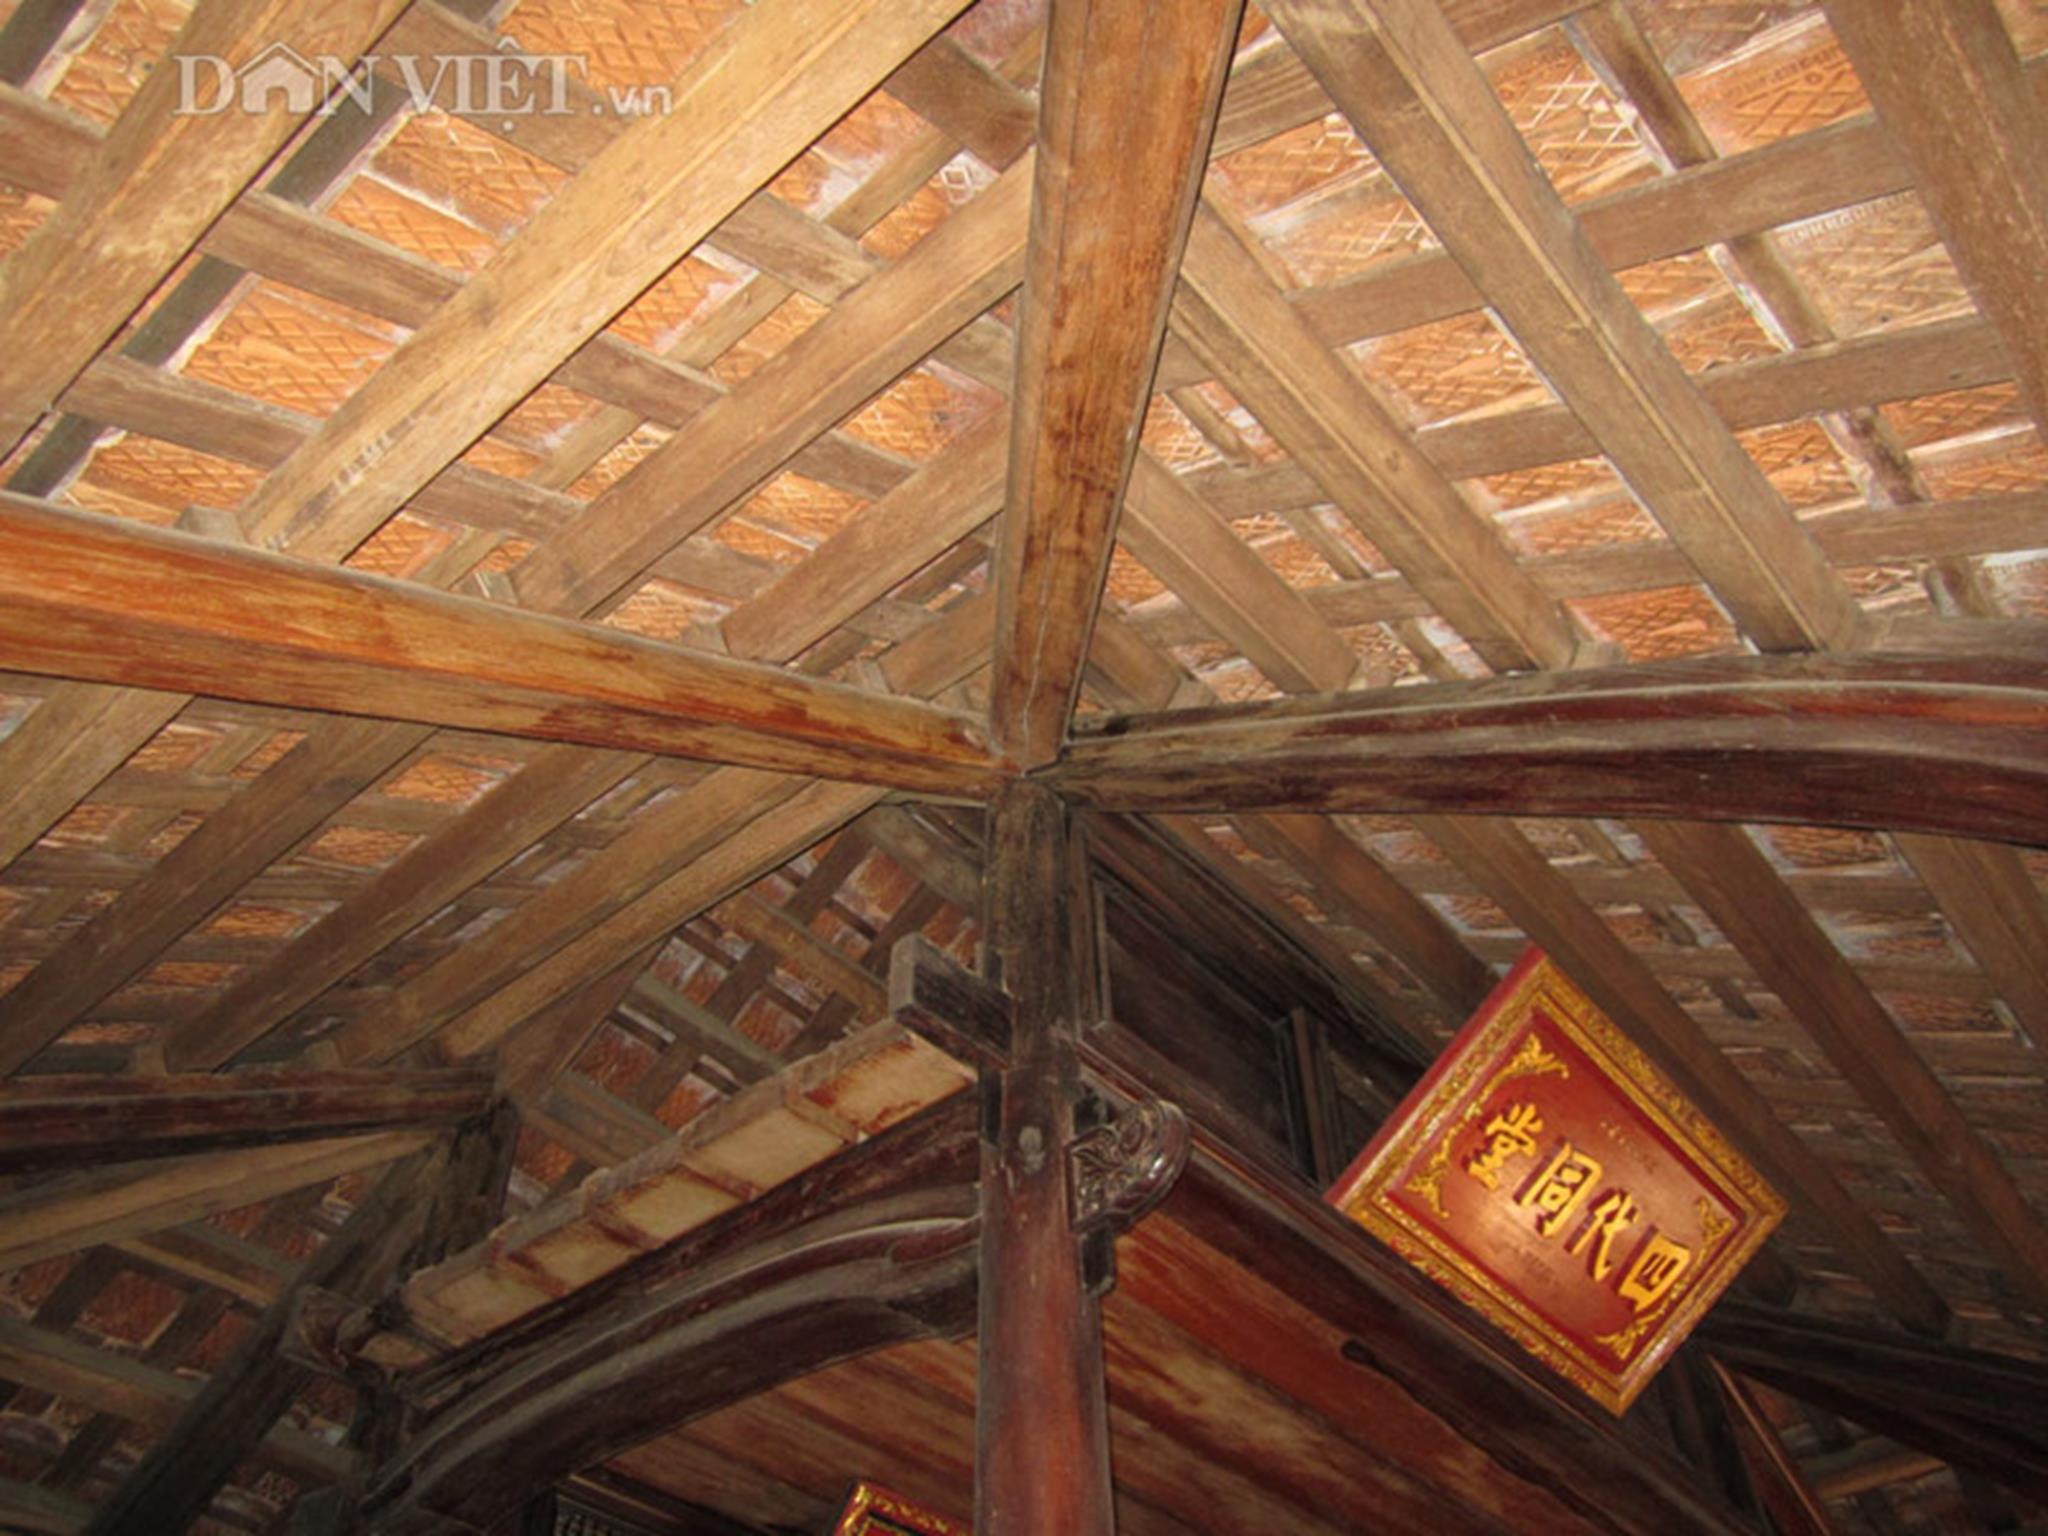 Đòn tay, cột kèo mái nhà được khớp nối tinh tế.